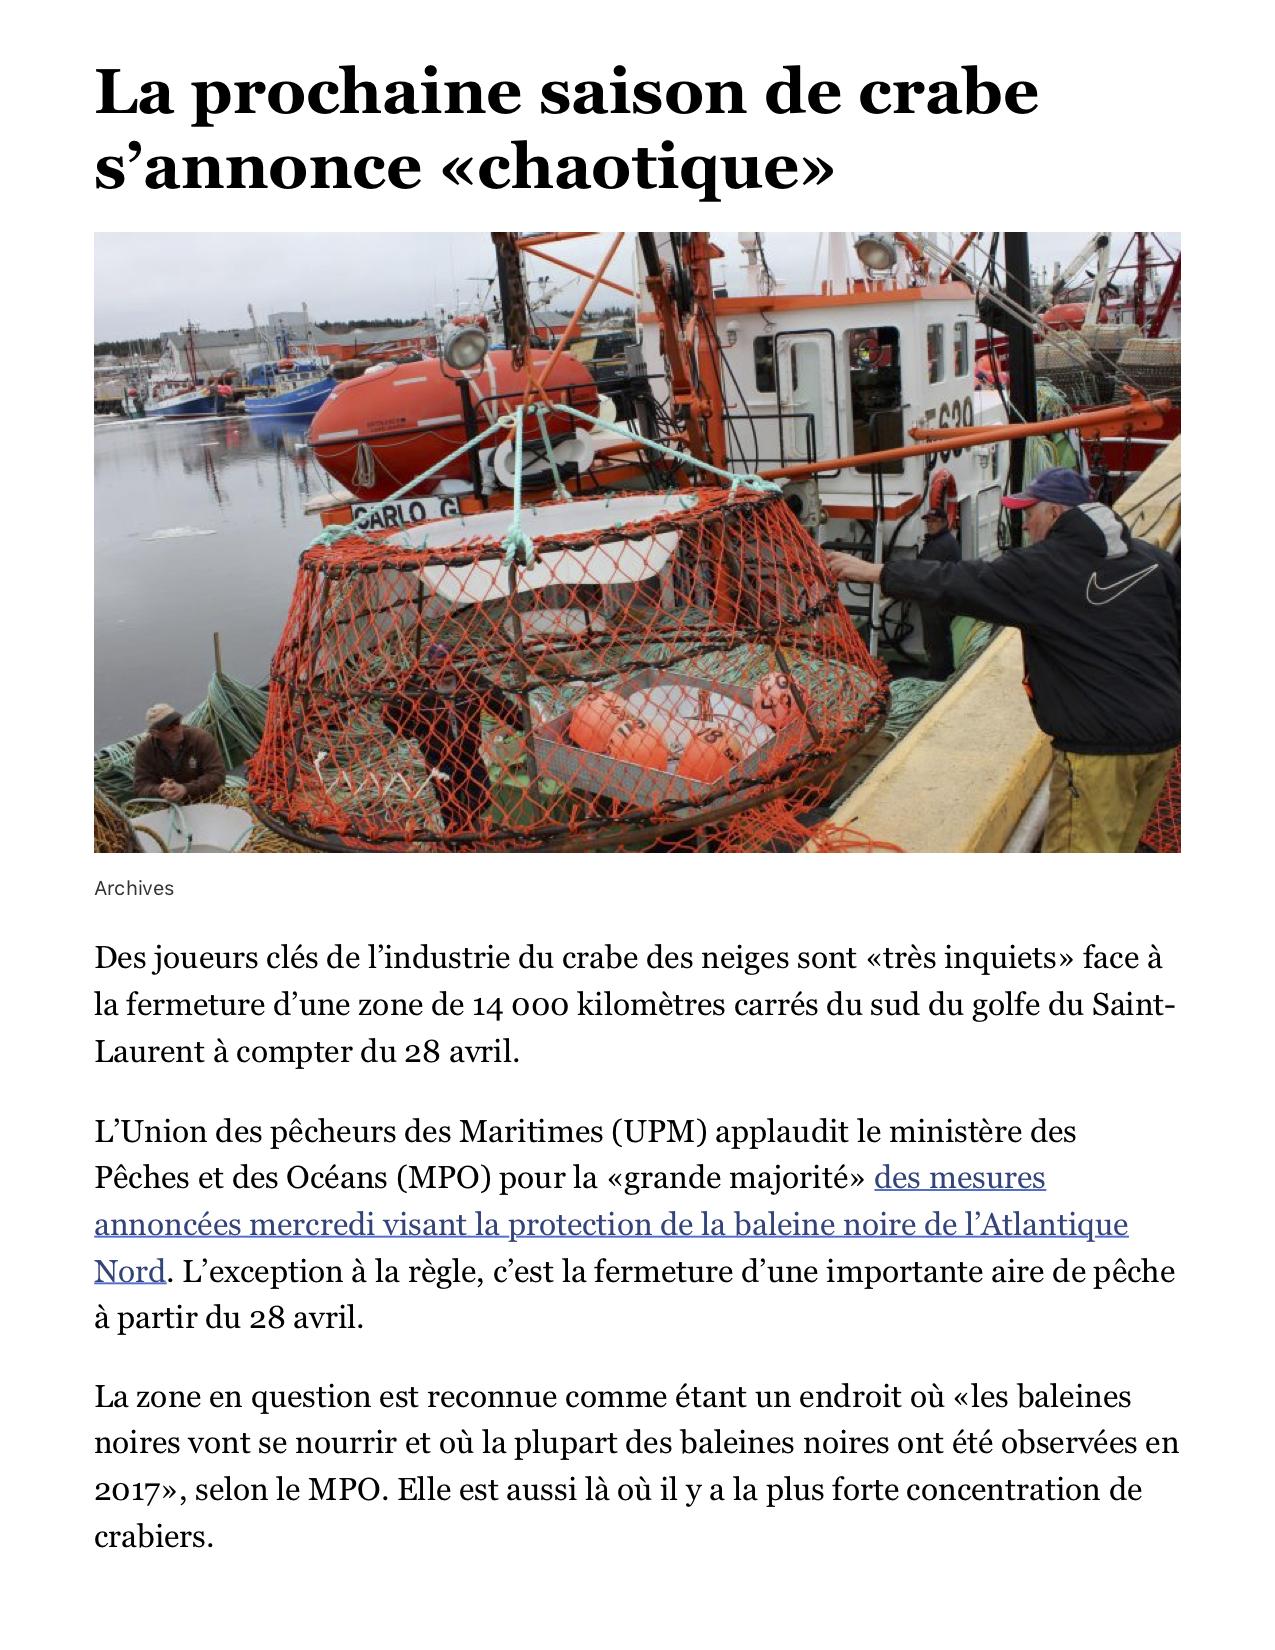 La prochaine saison de crabe s'annonce «chaotique» - Acadie Nouvelle.png